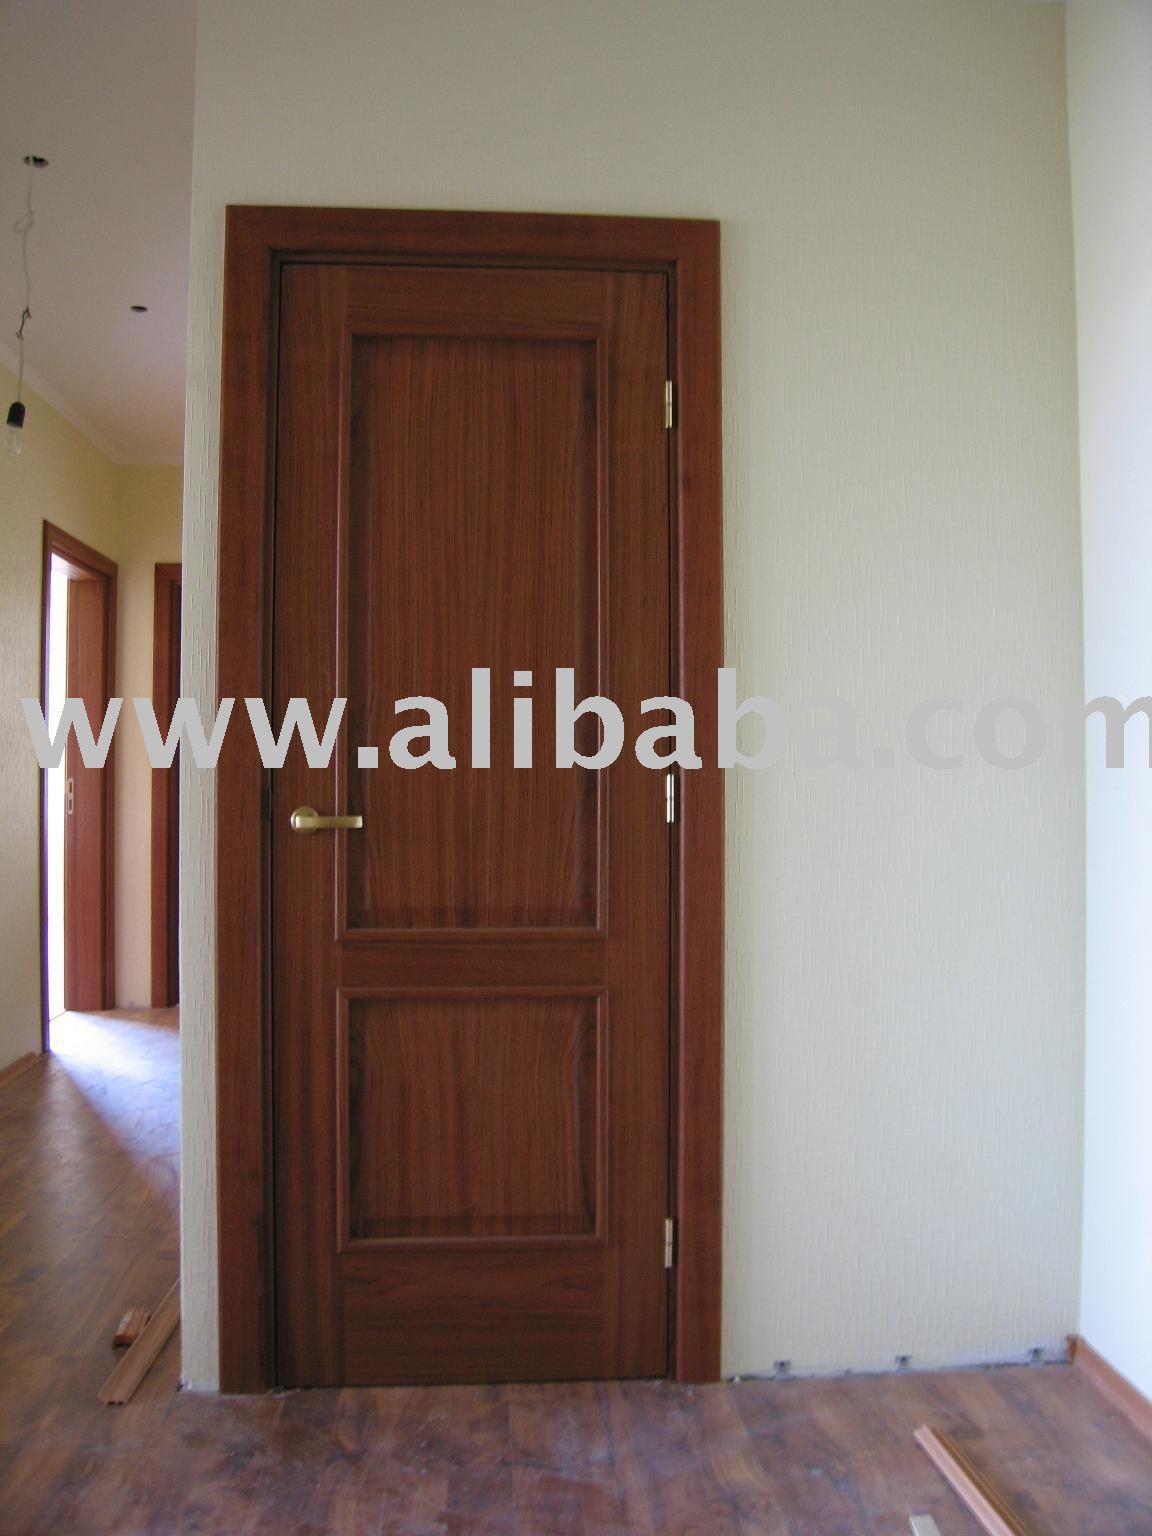 Puertas de madera interiores puerta identificaci n del for Puertas de metal para interiores